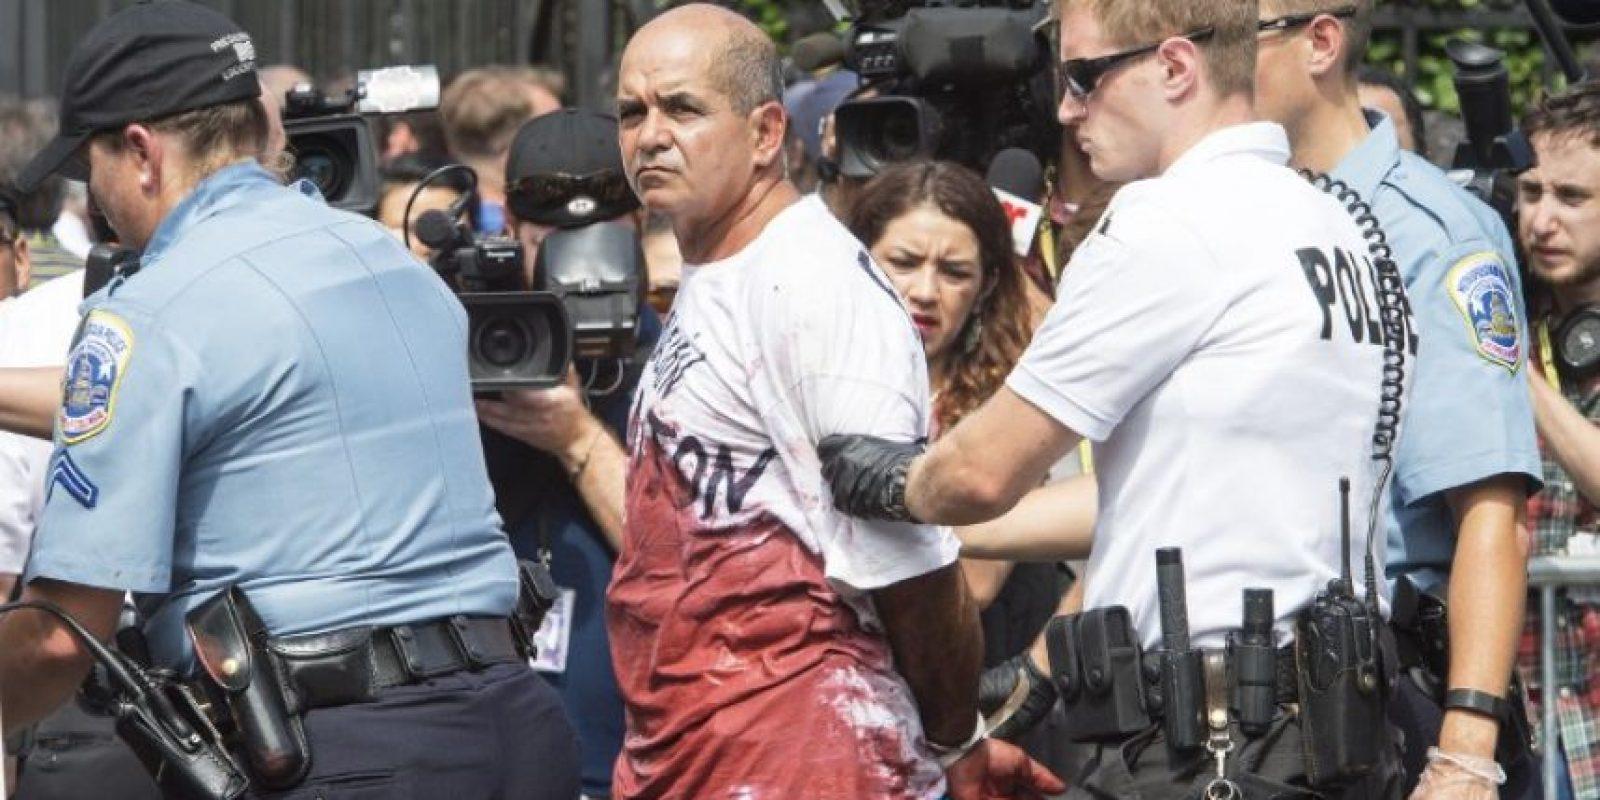 Un hombre fue detenido por protestar con sangre falsa Foto:AFP